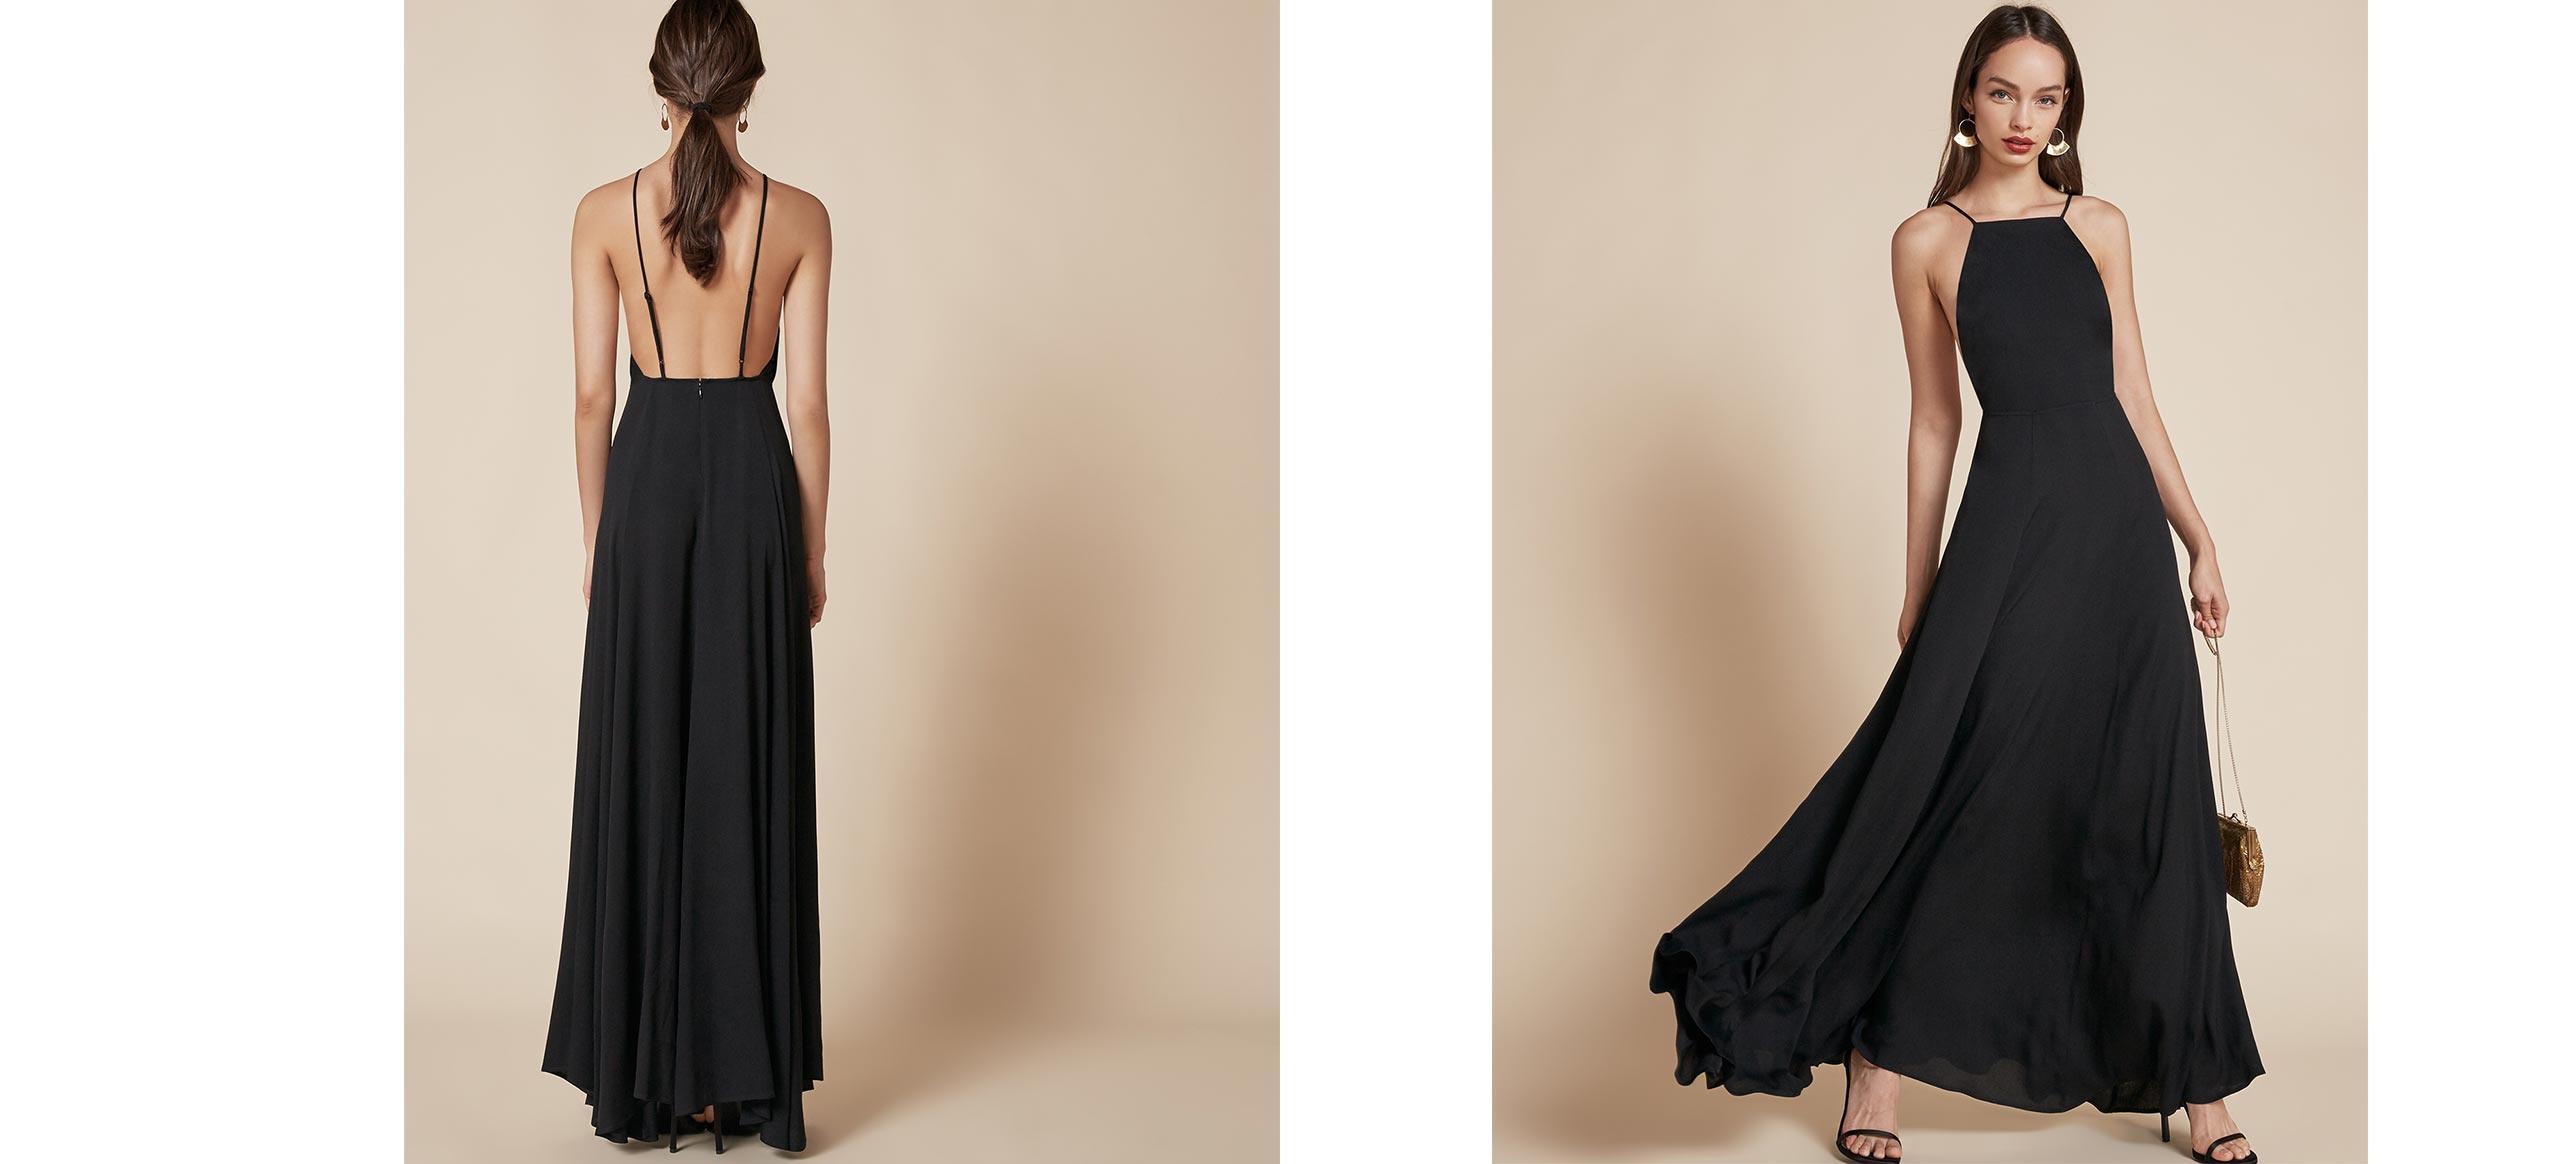 Designer Leicht Abendkleid Fairtrade VertriebAbend Großartig Abendkleid Fairtrade Ärmel